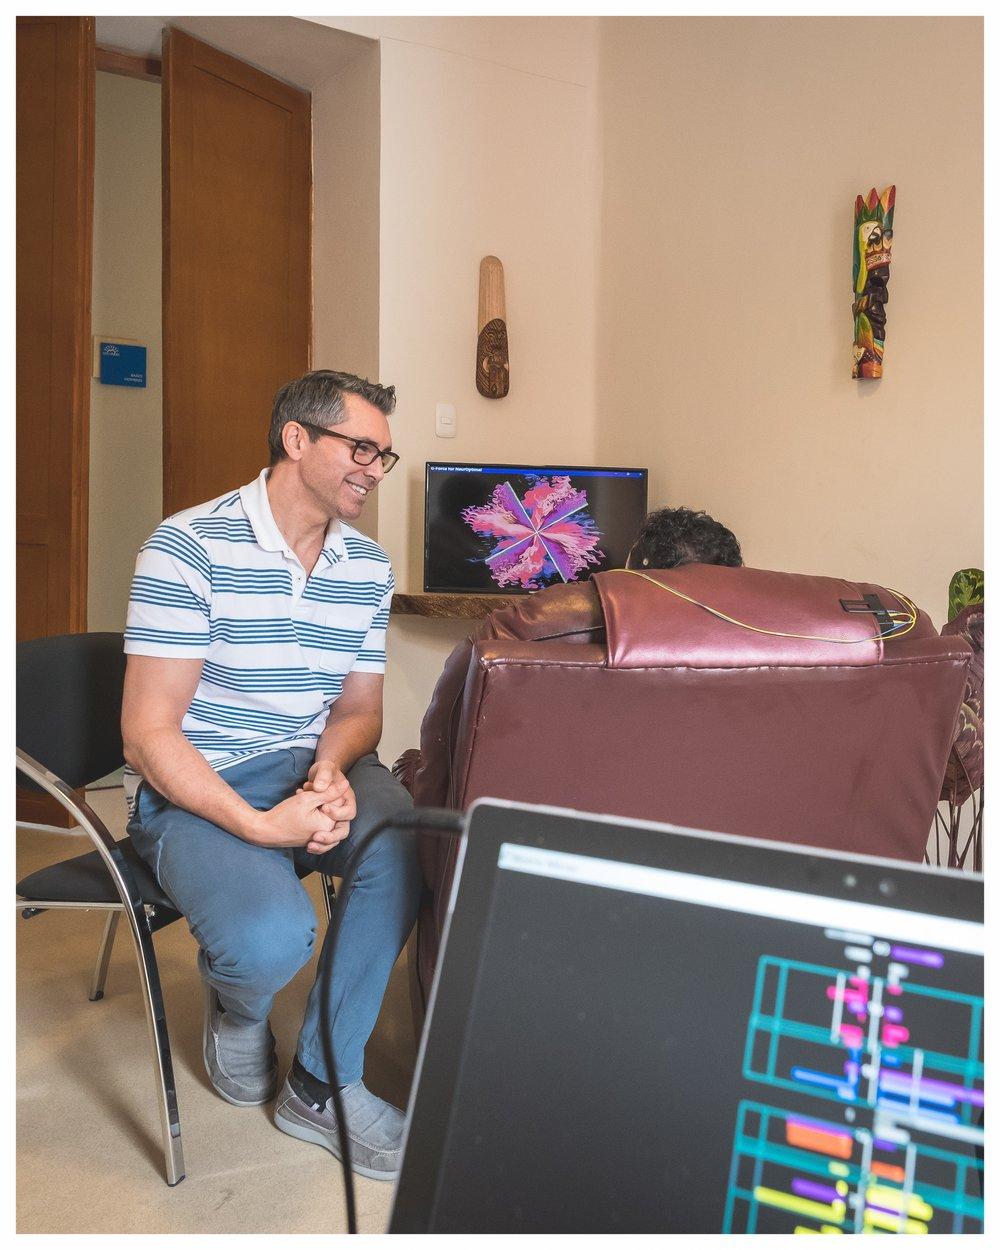 ¿Cómo trabaja Neurofeedback? - Neurofeedback es una forma avanzada de biorretroalimentación que detecta información sobre la actividad de las ondas cerebrales.La electricidad generada por el procesamiento del Sistema Nervioso Central (SNC) es detectada por sensores y visualizada por el especialista en un monitor en tiempo real, esto se llama electroencefalografía o EEG.Durante la sesión de Neurofeedback, el usuario recibe una estimulación visual y auditiva que le permite entrar en un estado de relajación. El sistema detecta en tiempo real los cambios bruscos en la actividad cerebral e inmediatamente informa al cerebro con una interrupción audible en la música; esta interrupción invita al cerebro a volver su atención al momento presente, lo cual le permite mejorar su capacidad de procesamiento de información, resiliencia cerebral y eficiencia.Este comportamiento cerebral se convierte en un hábito que transforma al cerebro,lo cual mejora de manera sostenible la salud mental de la persona.(Fotografía de una sesión de Neurofeedback en Sol de los Andes)